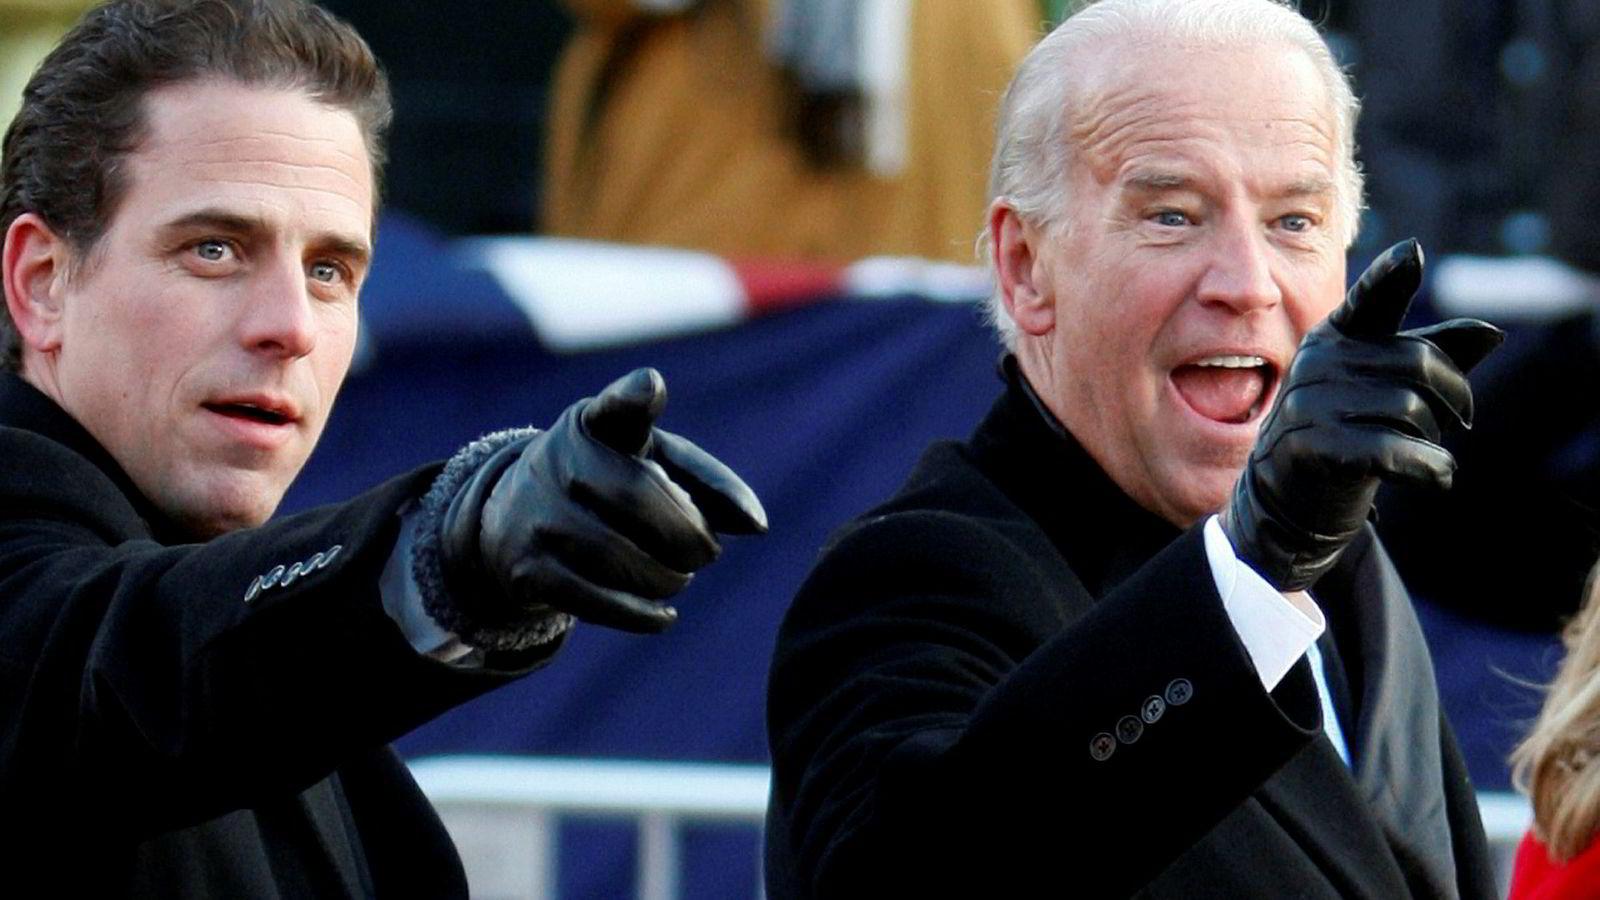 Hunter Biden (til venstre) trekker seg som styremedlem i kinesisk selskap. Her står han ved siden av sin far og presidentkandidat Joe Biden.